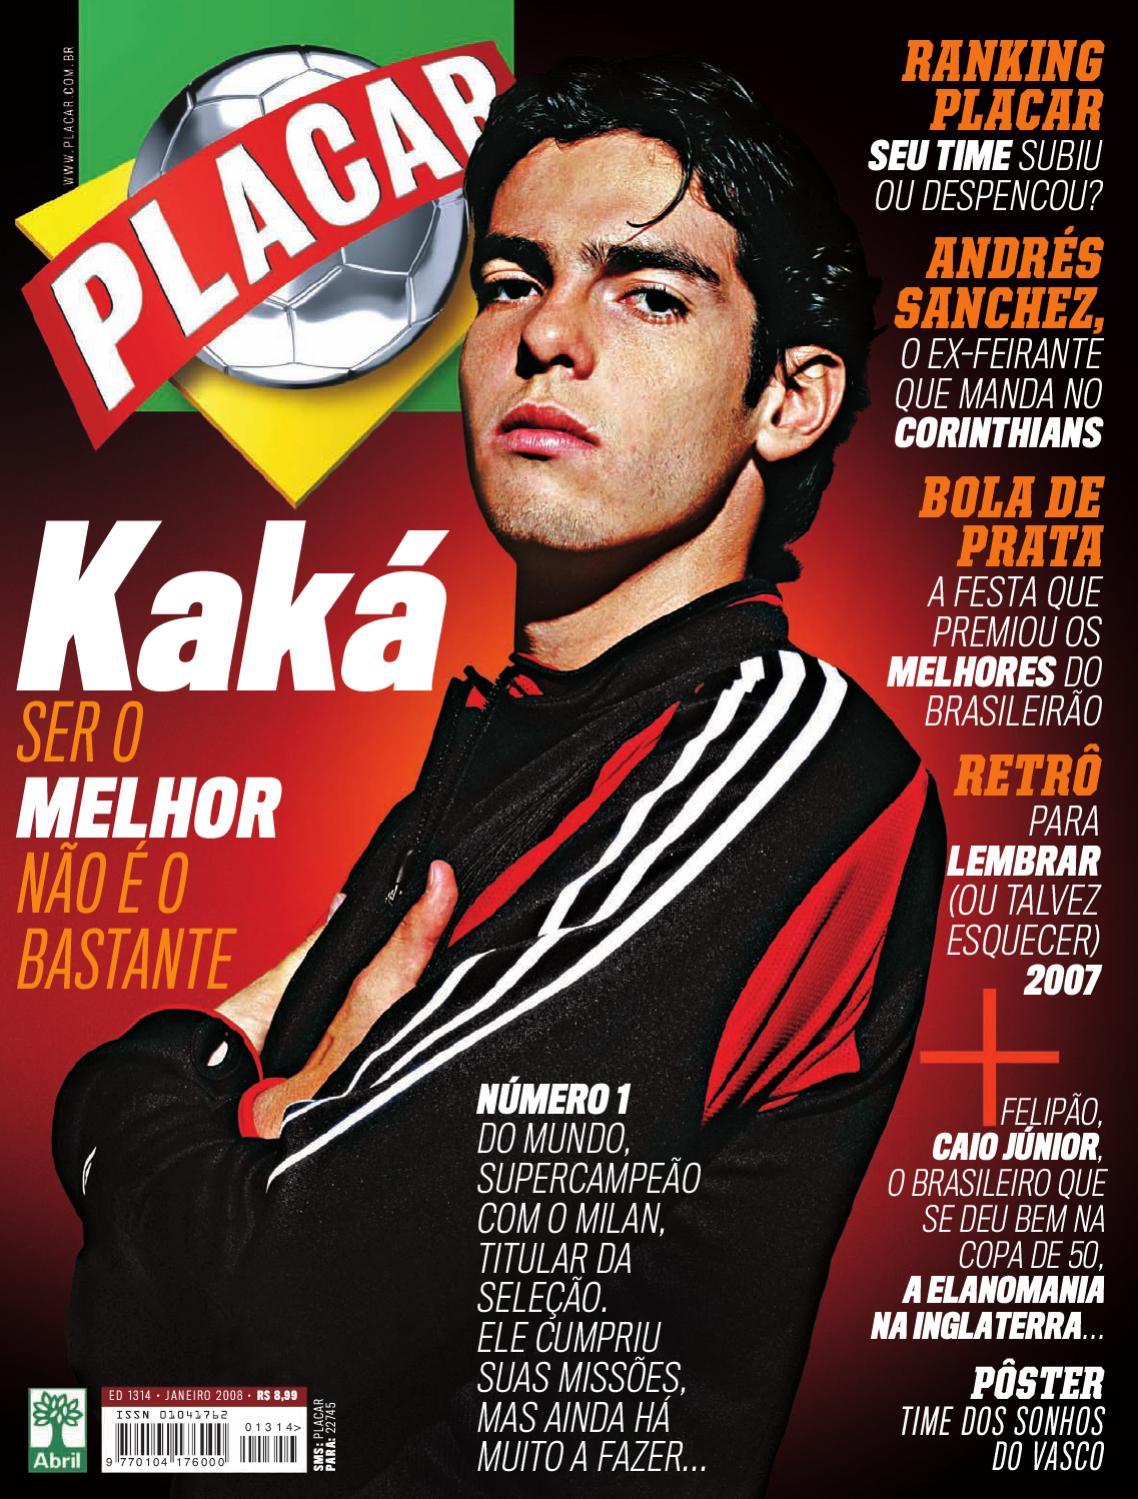 Revista Placar by Revista Placar - issuu a5472d79df920